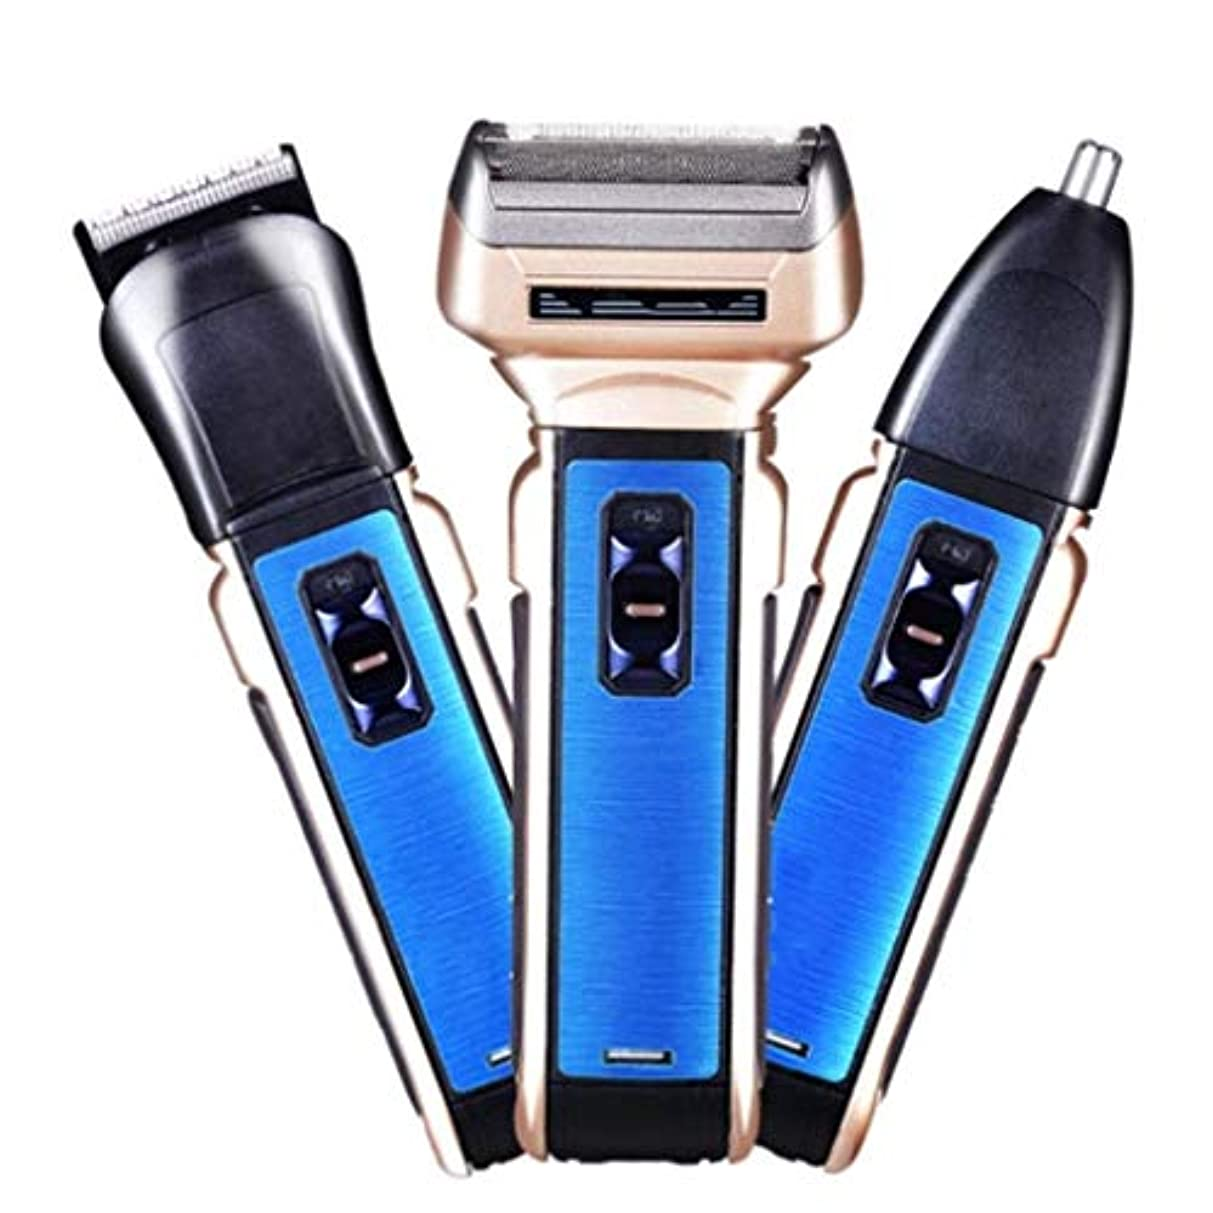 アコーペルメル事実上フェイシャルヘアー3-in-1鼻毛トリマーセットABS 360°往復充電取り外し可能なヘッドと洗えるデザイン電気かみそり